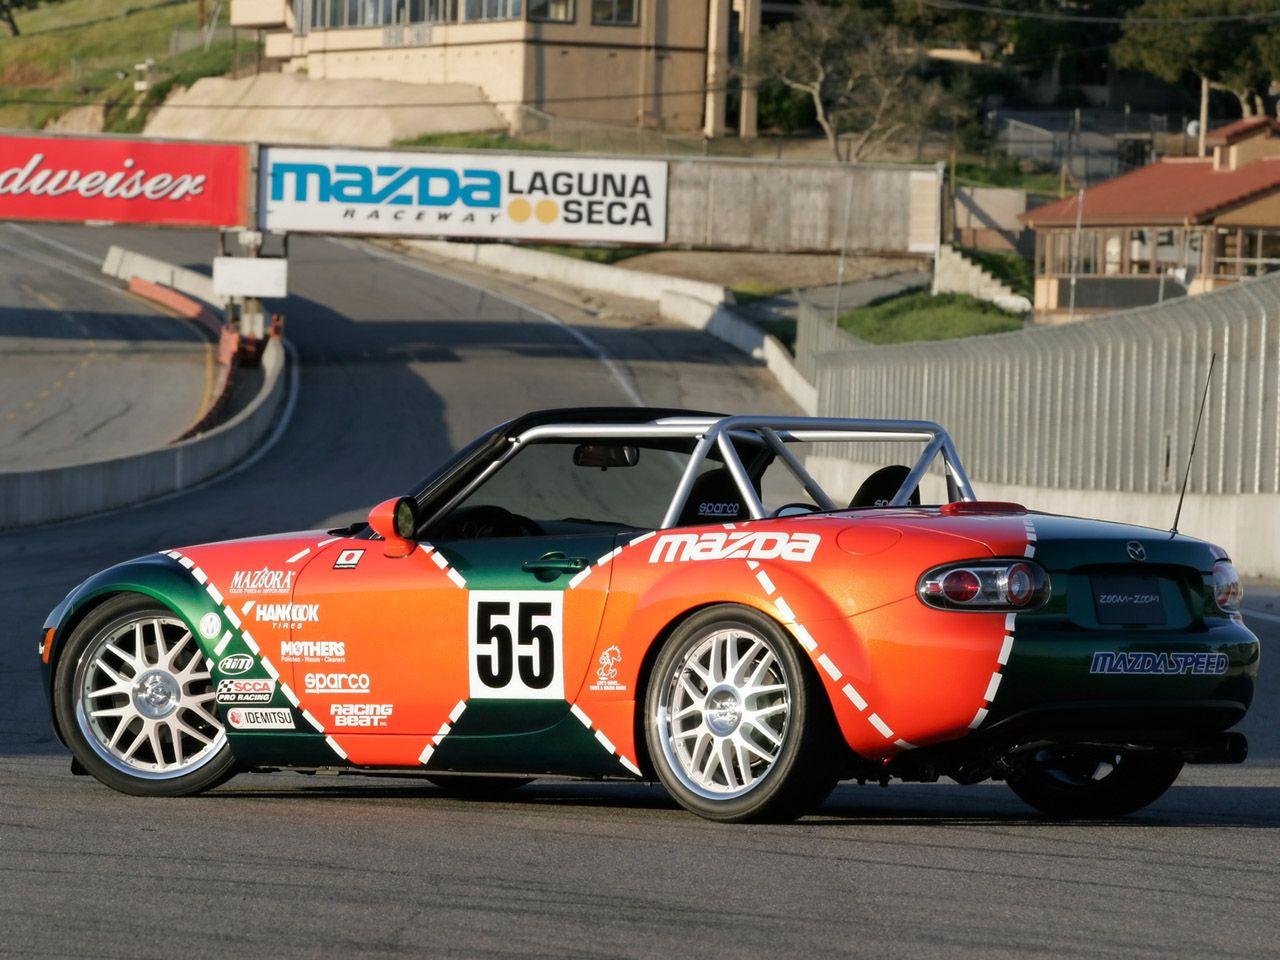 2006 Mazda MX5 Spec Miata  Rear Angle  1280x960 Wallpaper